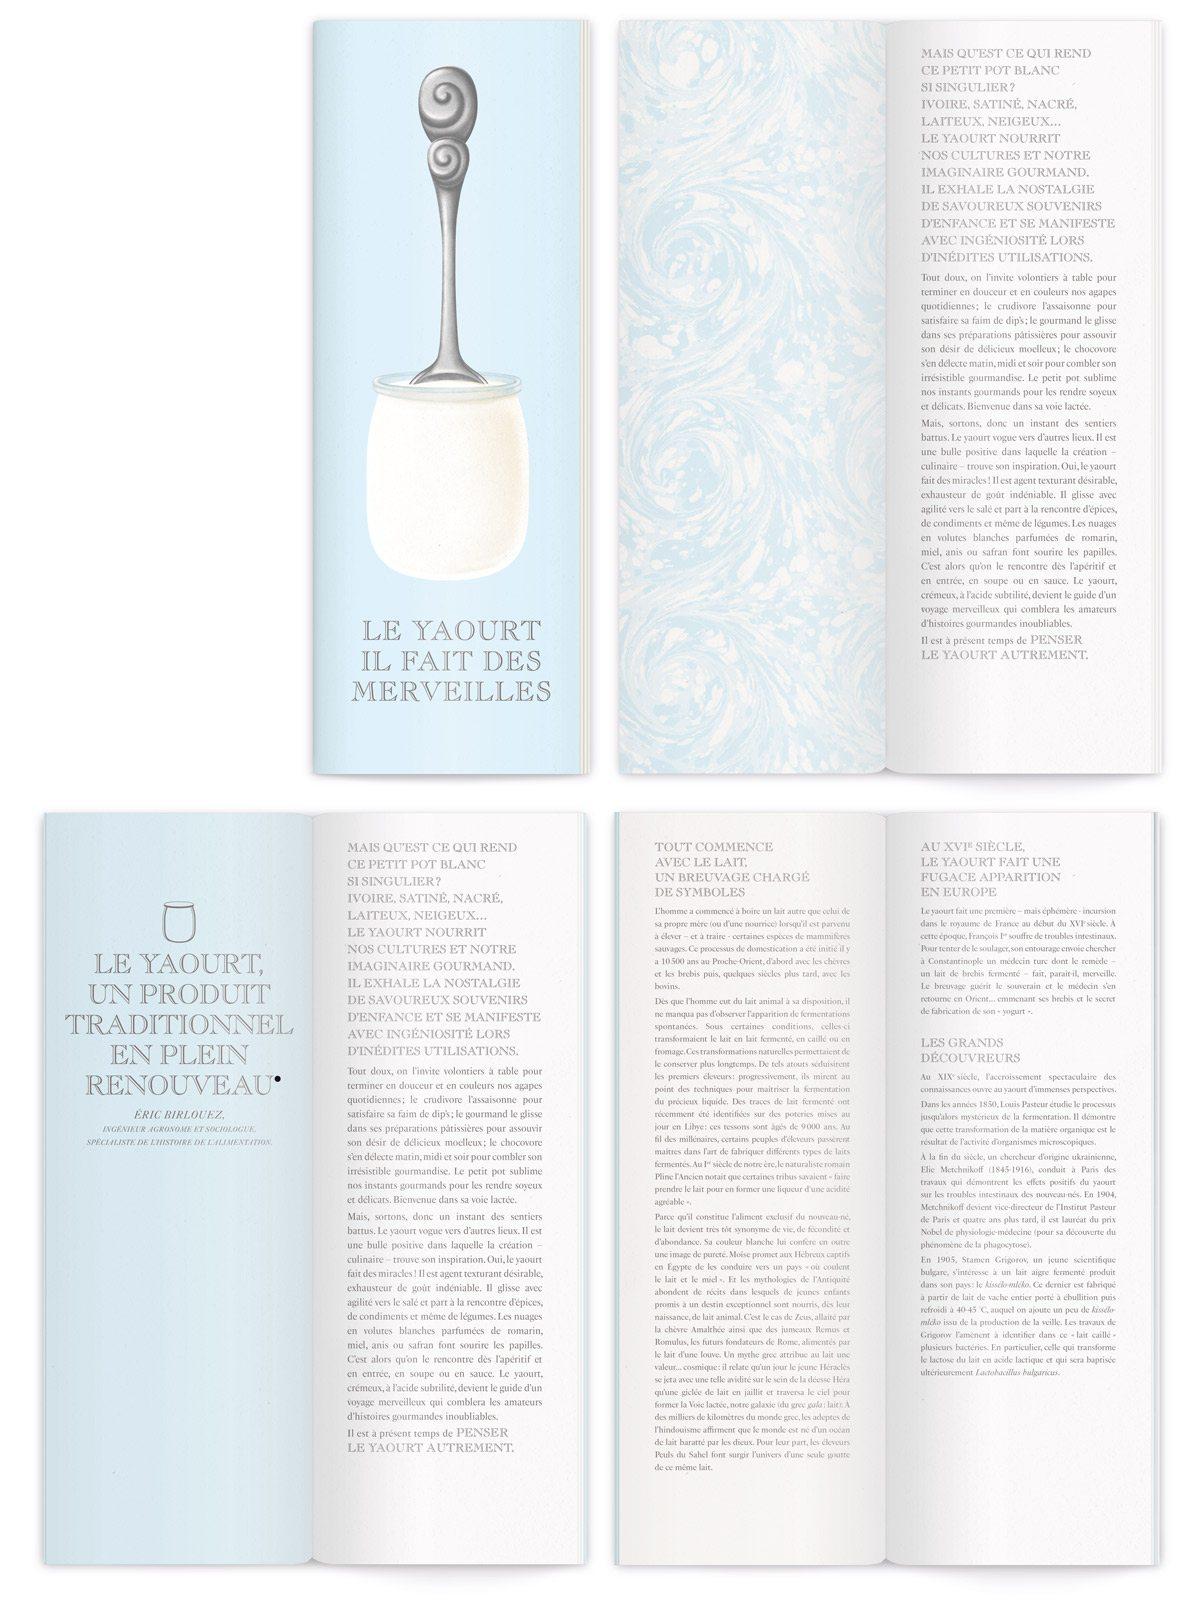 livret sur le yaourt illustré par ichetkar cuillères réalistes gardes anciennes